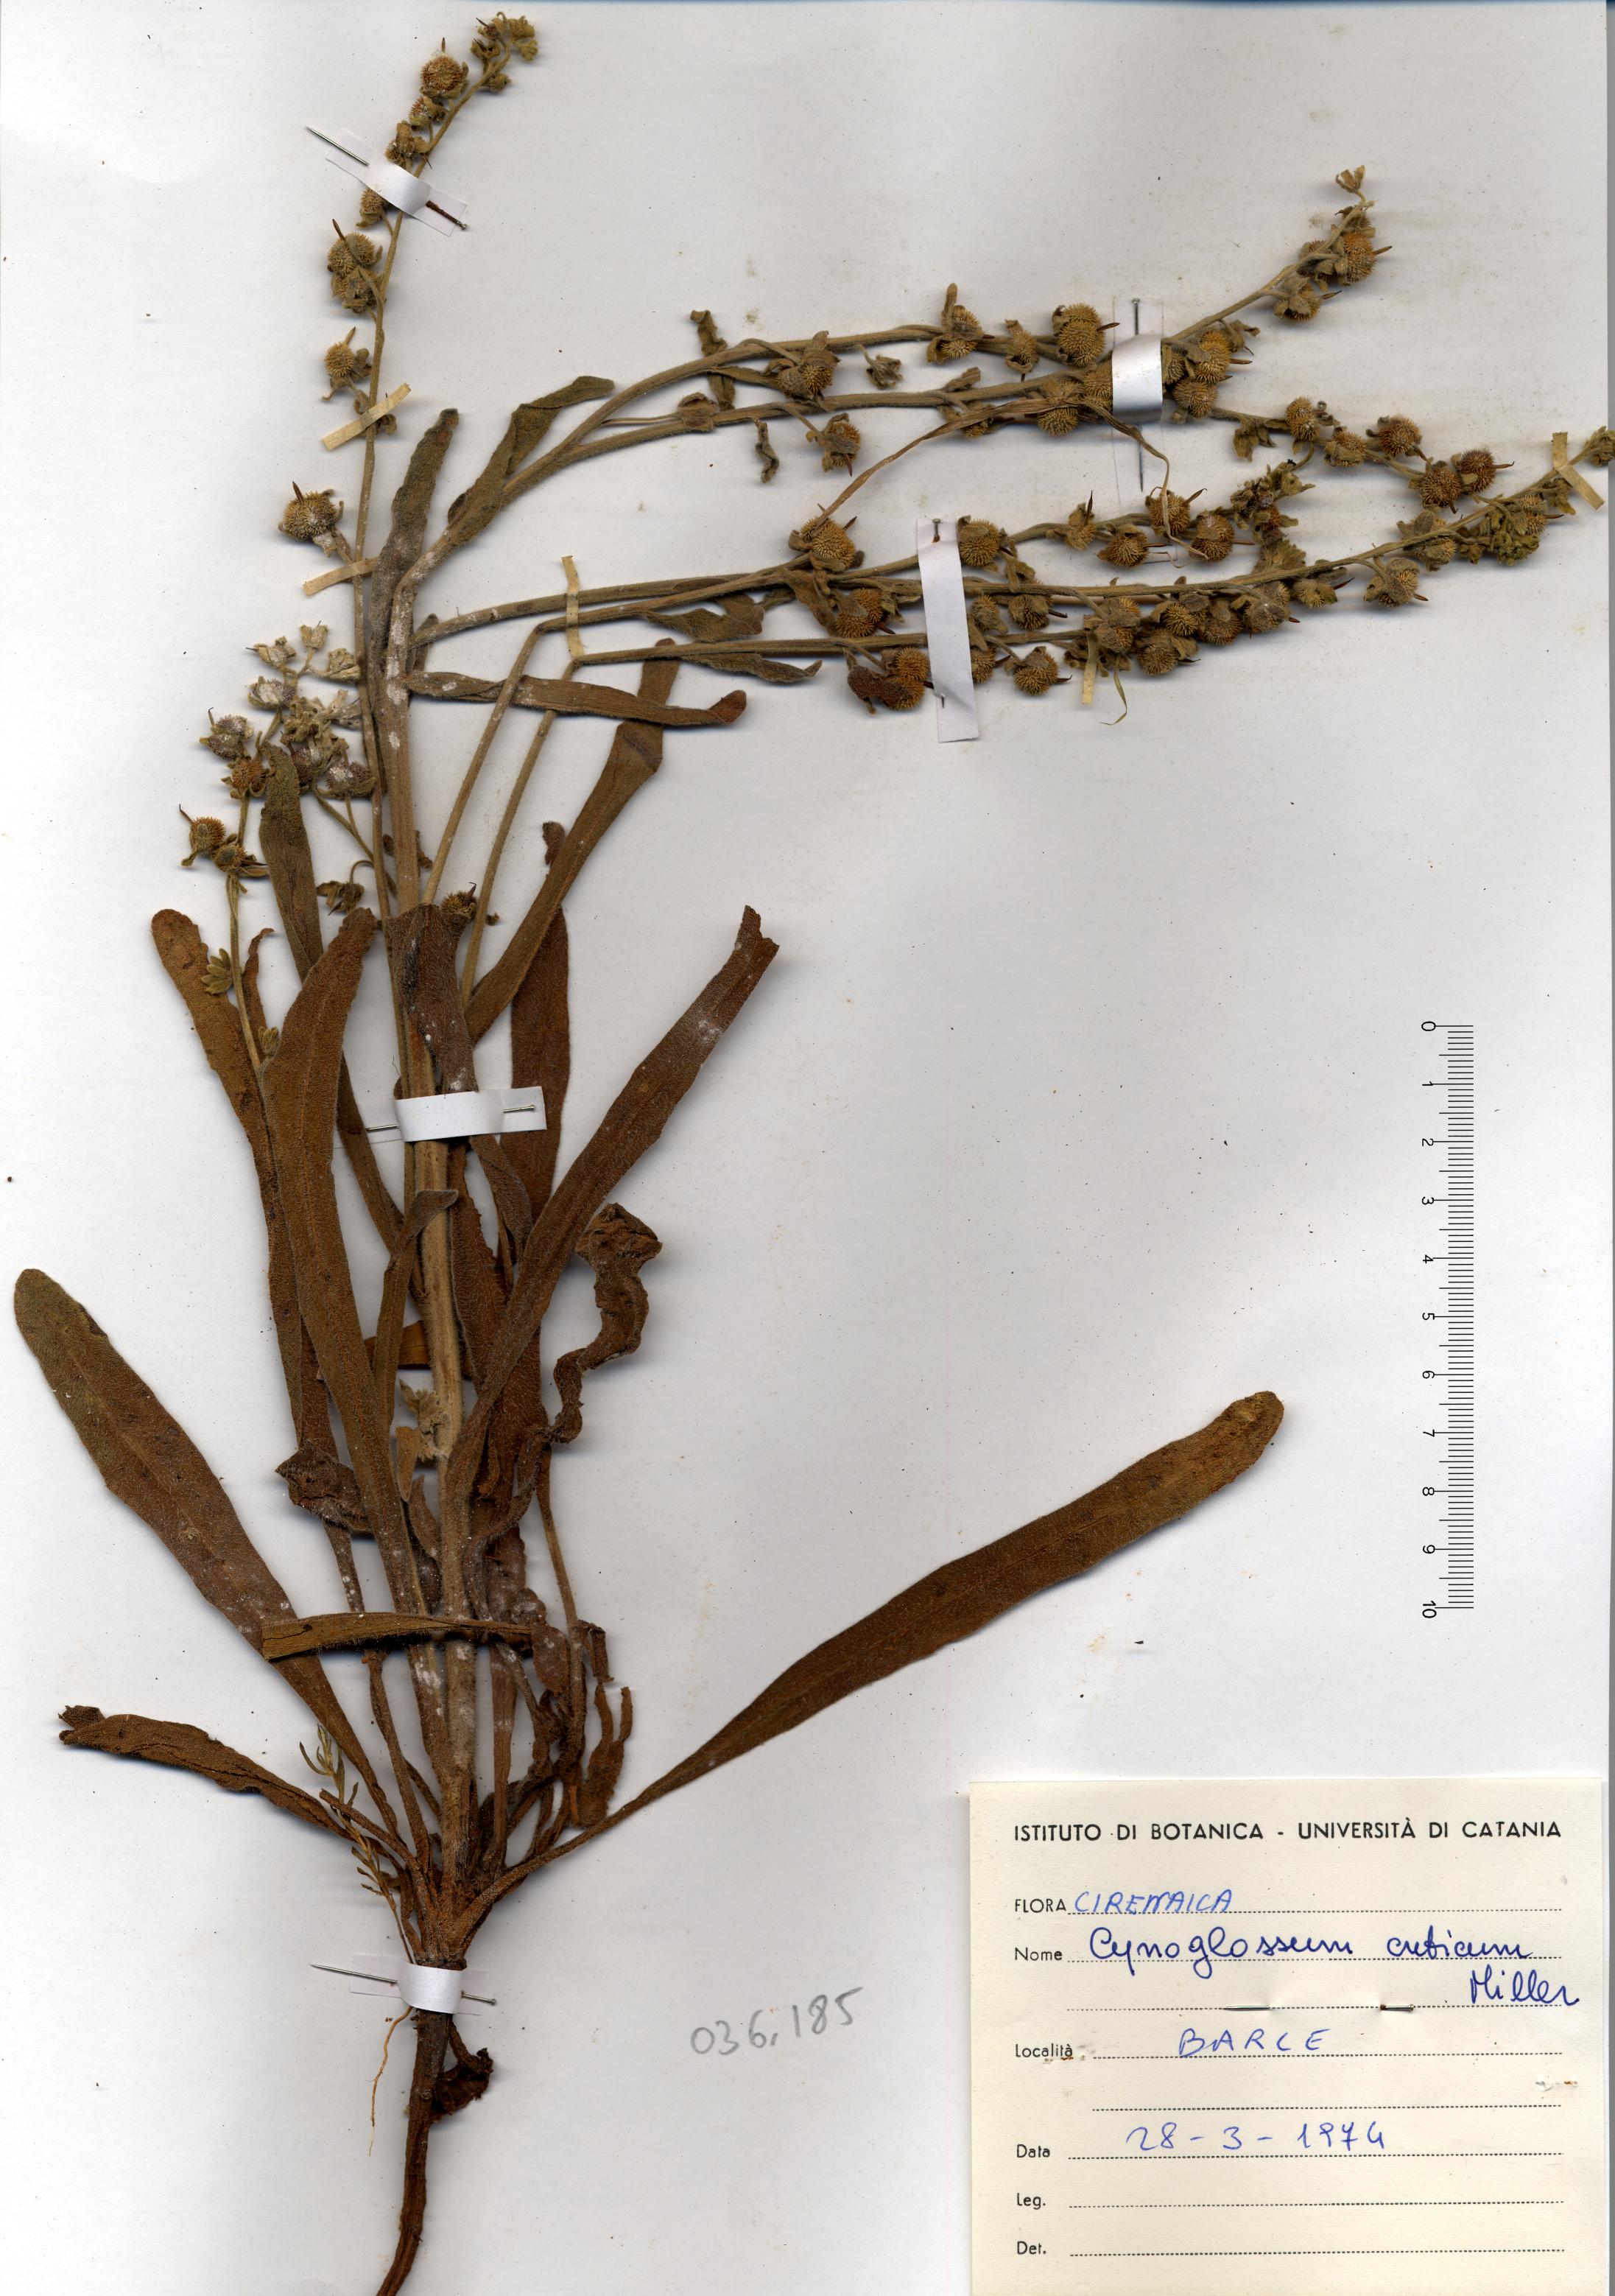 © Hortus Botanicus Catinensis - Herb. sheet 036185<br>